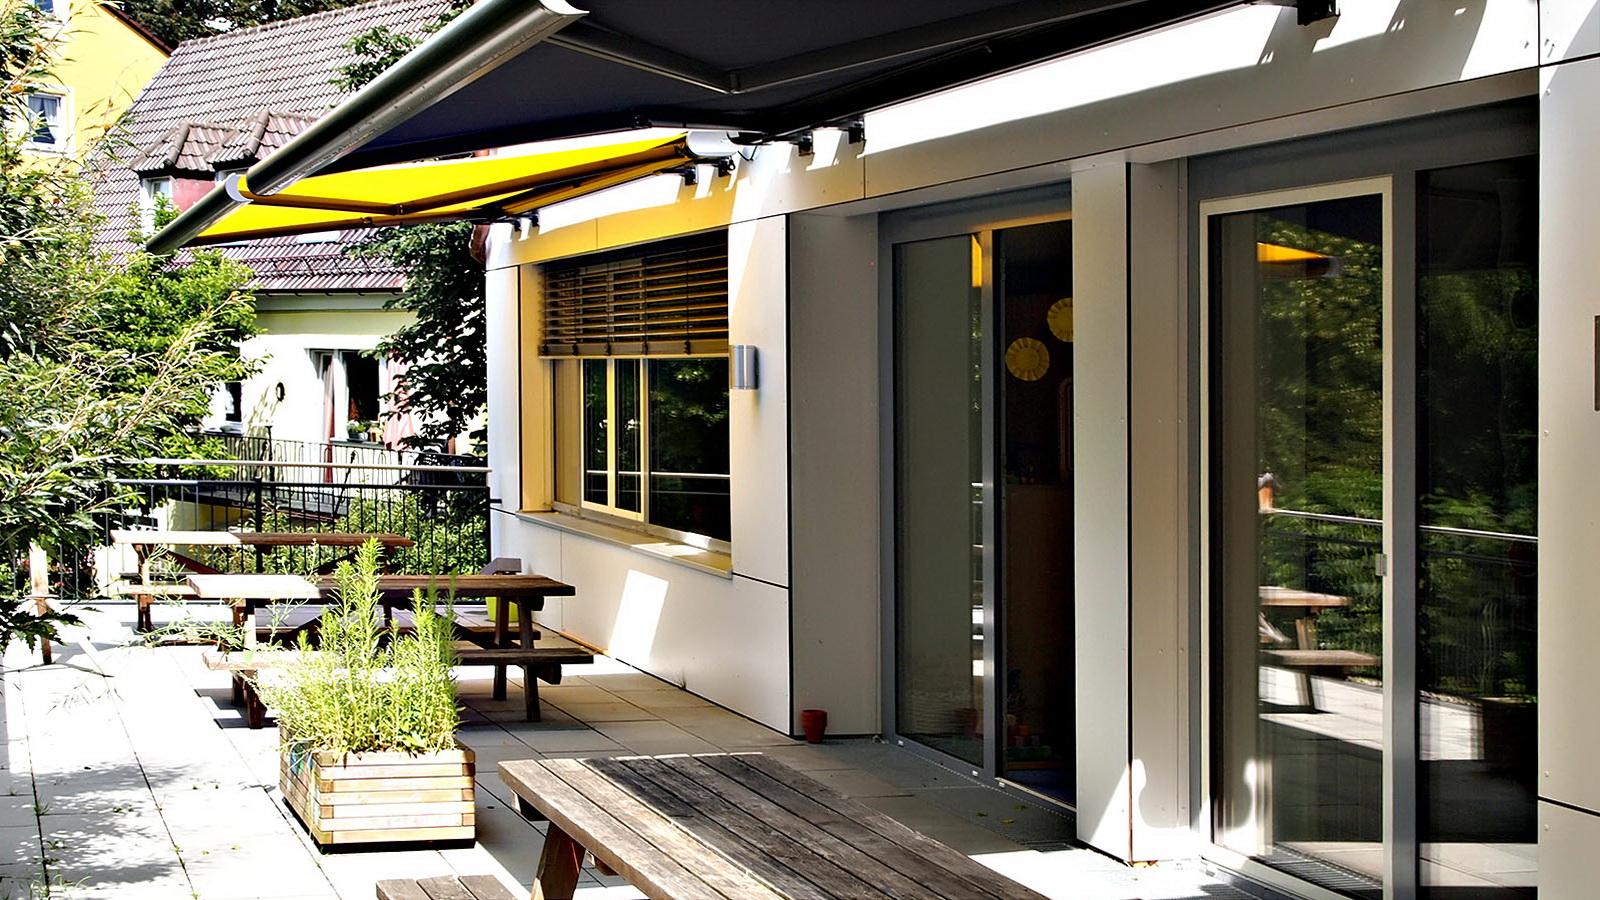 Terrasse vom Kindergarten Fruehlingsstrasse mit gelbem Sonnensegel